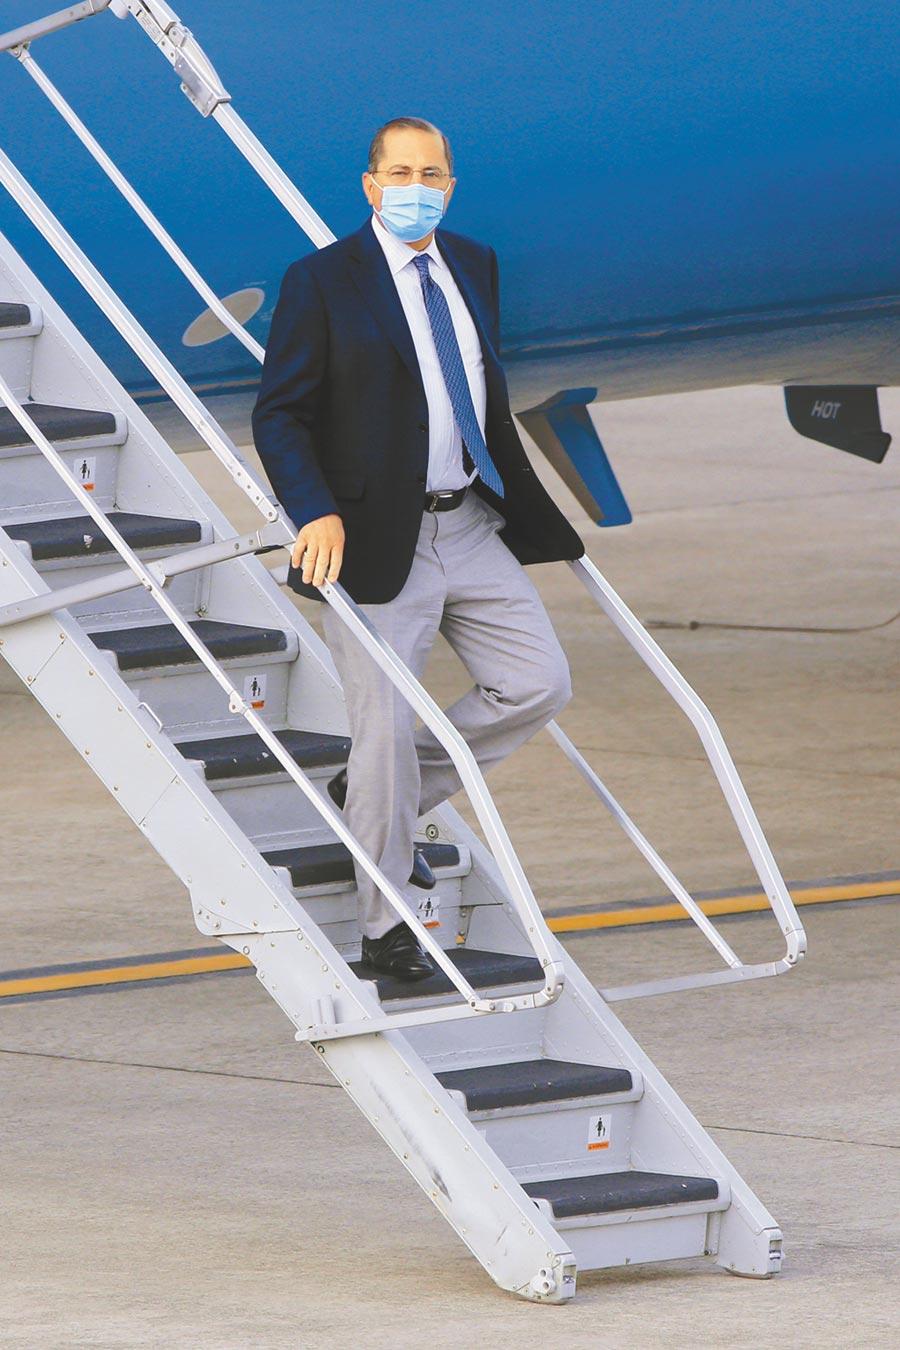 美國衛生部長阿札爾率團訪問台灣,專機於9日下午5時降落台北松山機場。(黃世麒攝)